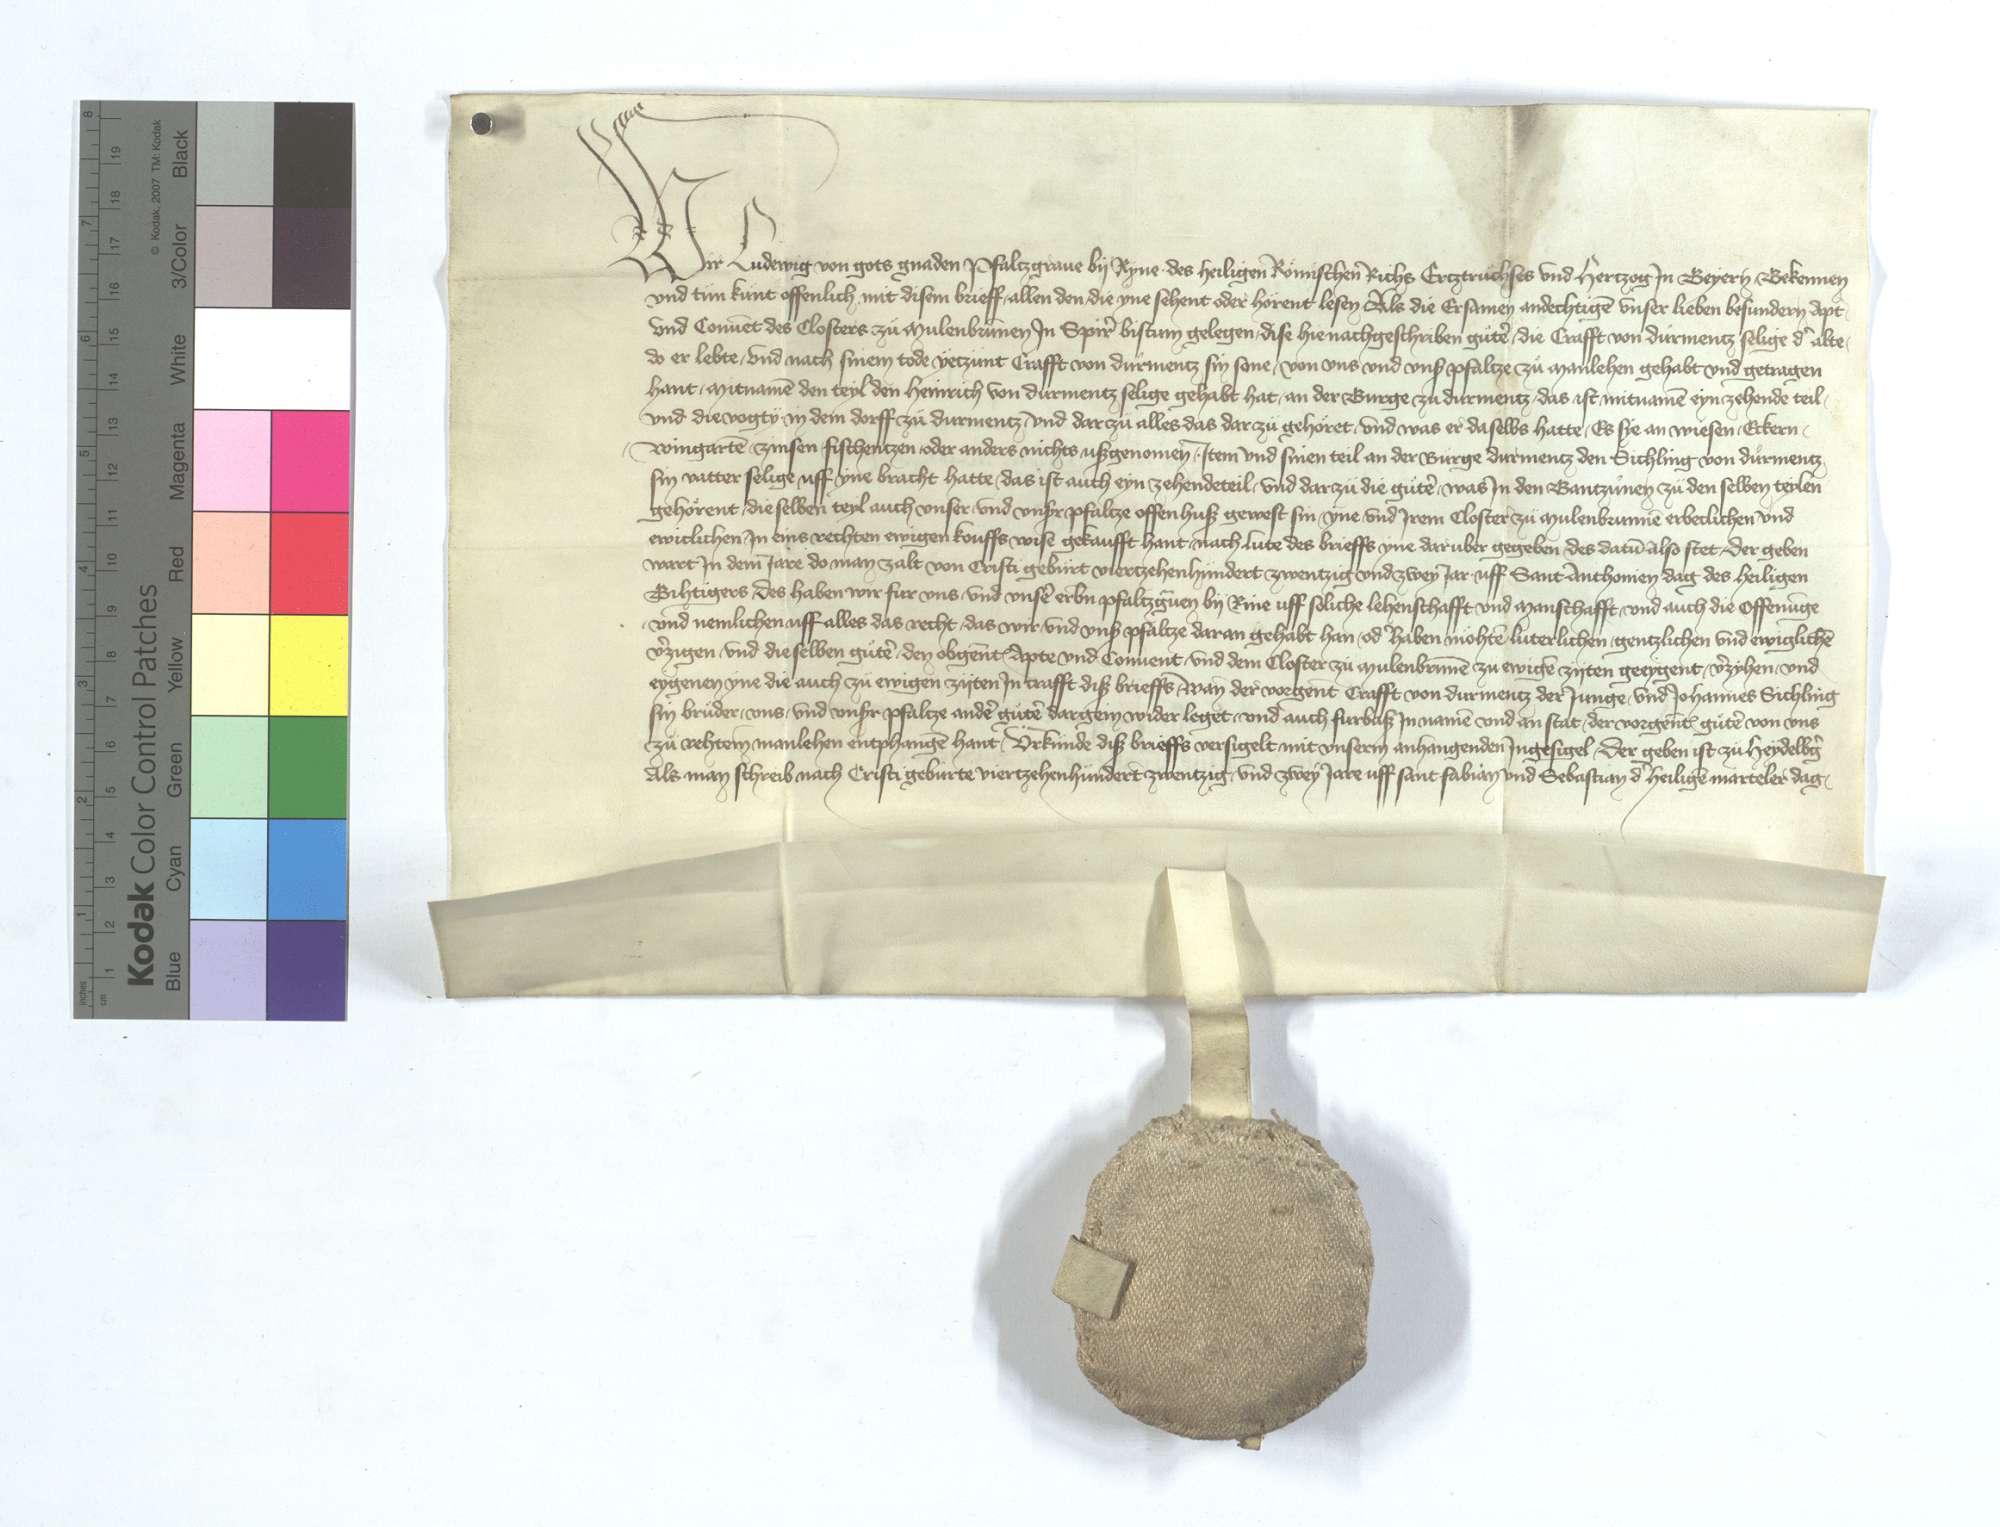 Kurfürst Ludwig von der Pfalz freit und eignet dem Kloster Maulbronn die Güter in Dürrmenz, die ihm zu Lehen gegangen sind, welche Güter die Edlen von Dürrmenz mit anderen Lehensgütern widerlegt haben., Text